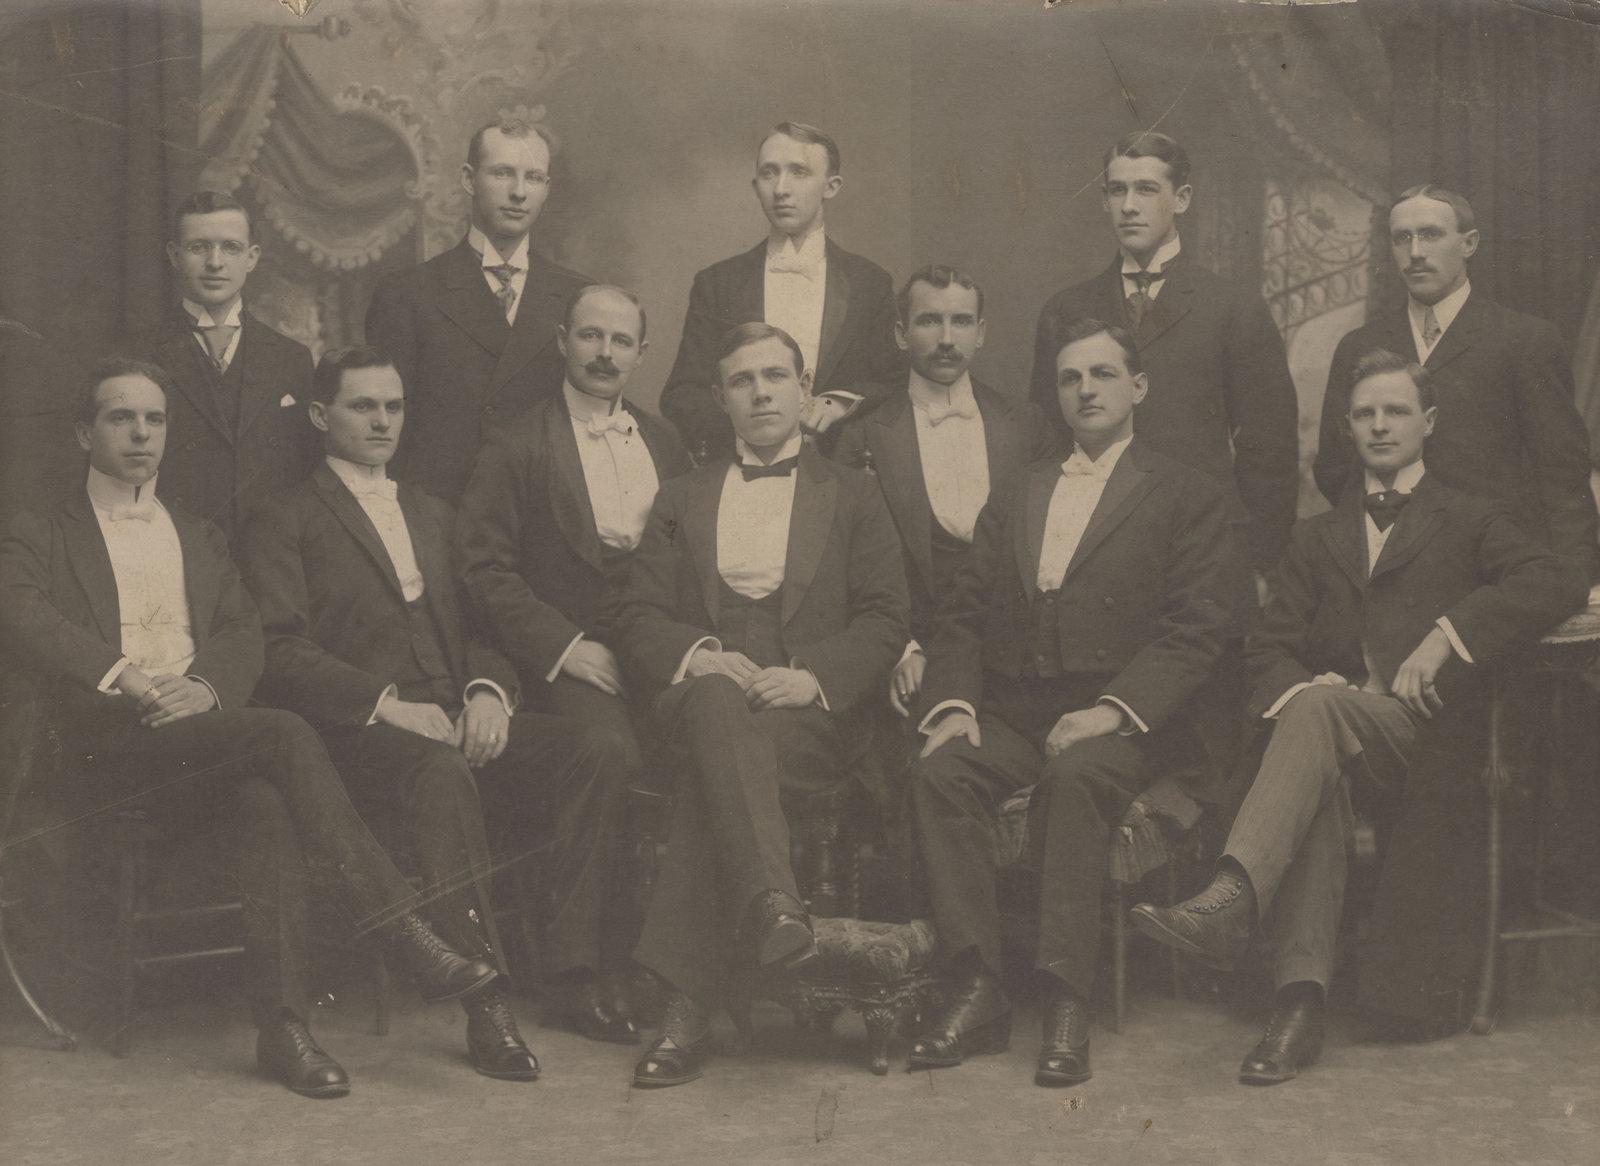 A Gentlemen's Club?